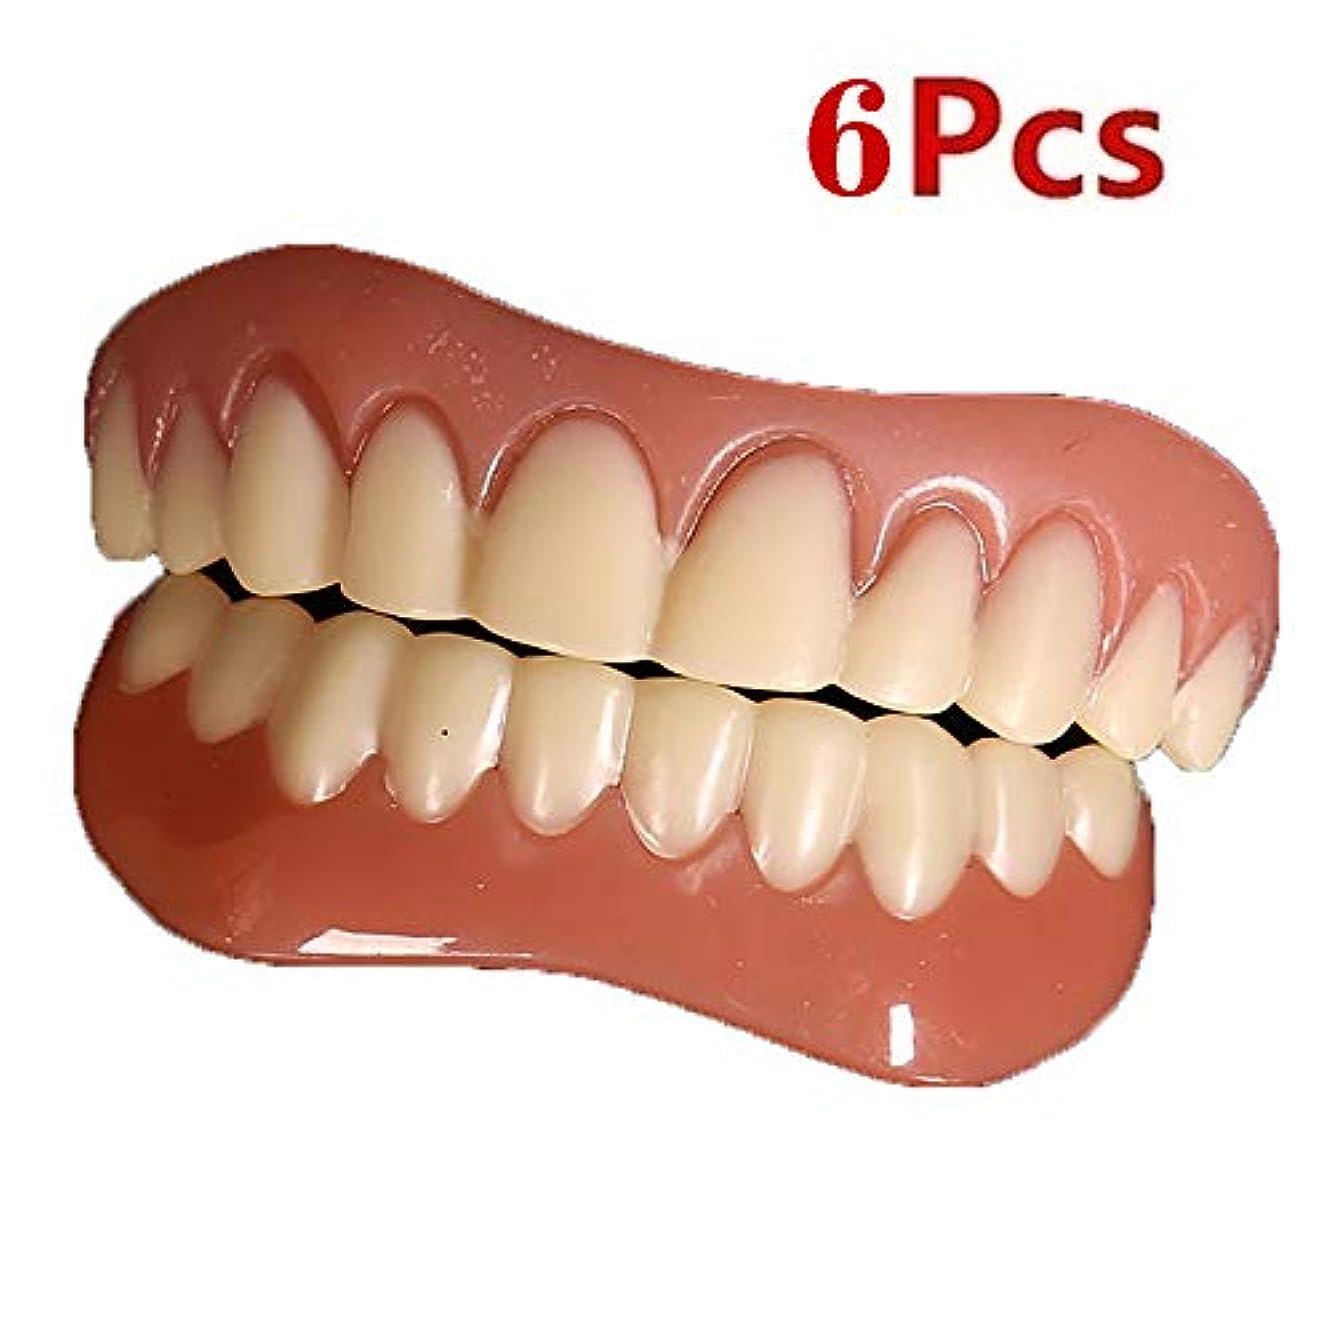 選出する彼女自身スピン即時の微笑の歯の上部のより低いベニヤの慰めの適合の歯のベニヤ、歯科ベニヤの慰めの適合の歯の上の化粧品のベニヤワンサイズはすべての義歯の接着剤の歯に入れます